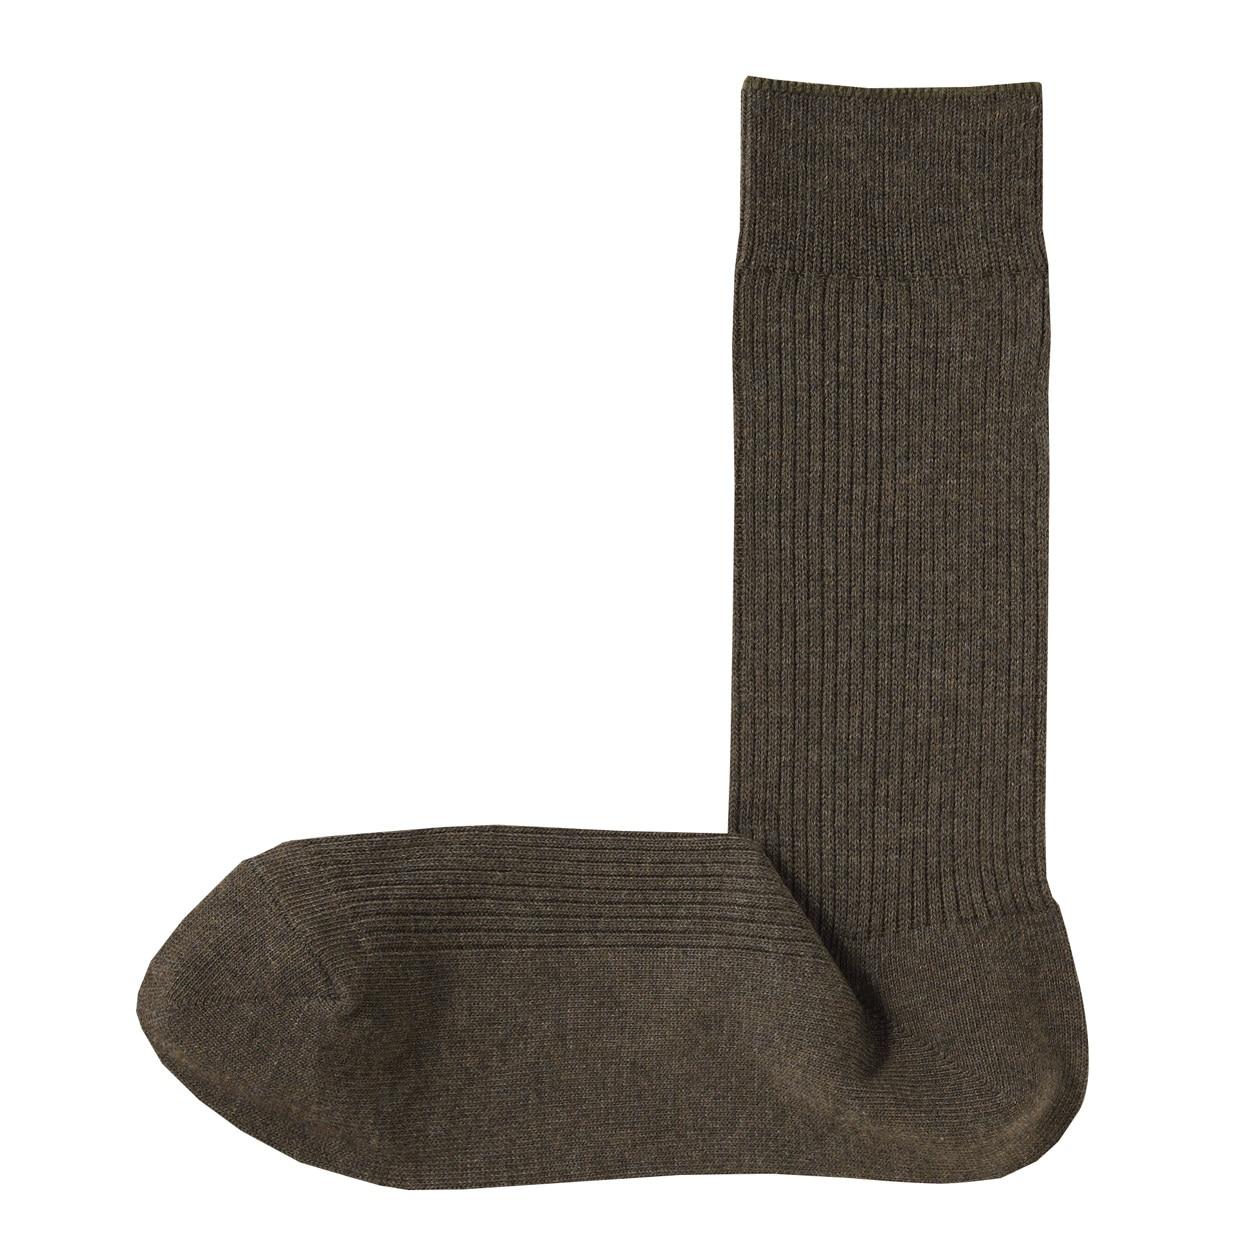 足なり直角 リブ編み 靴下(紳士・えらべる)